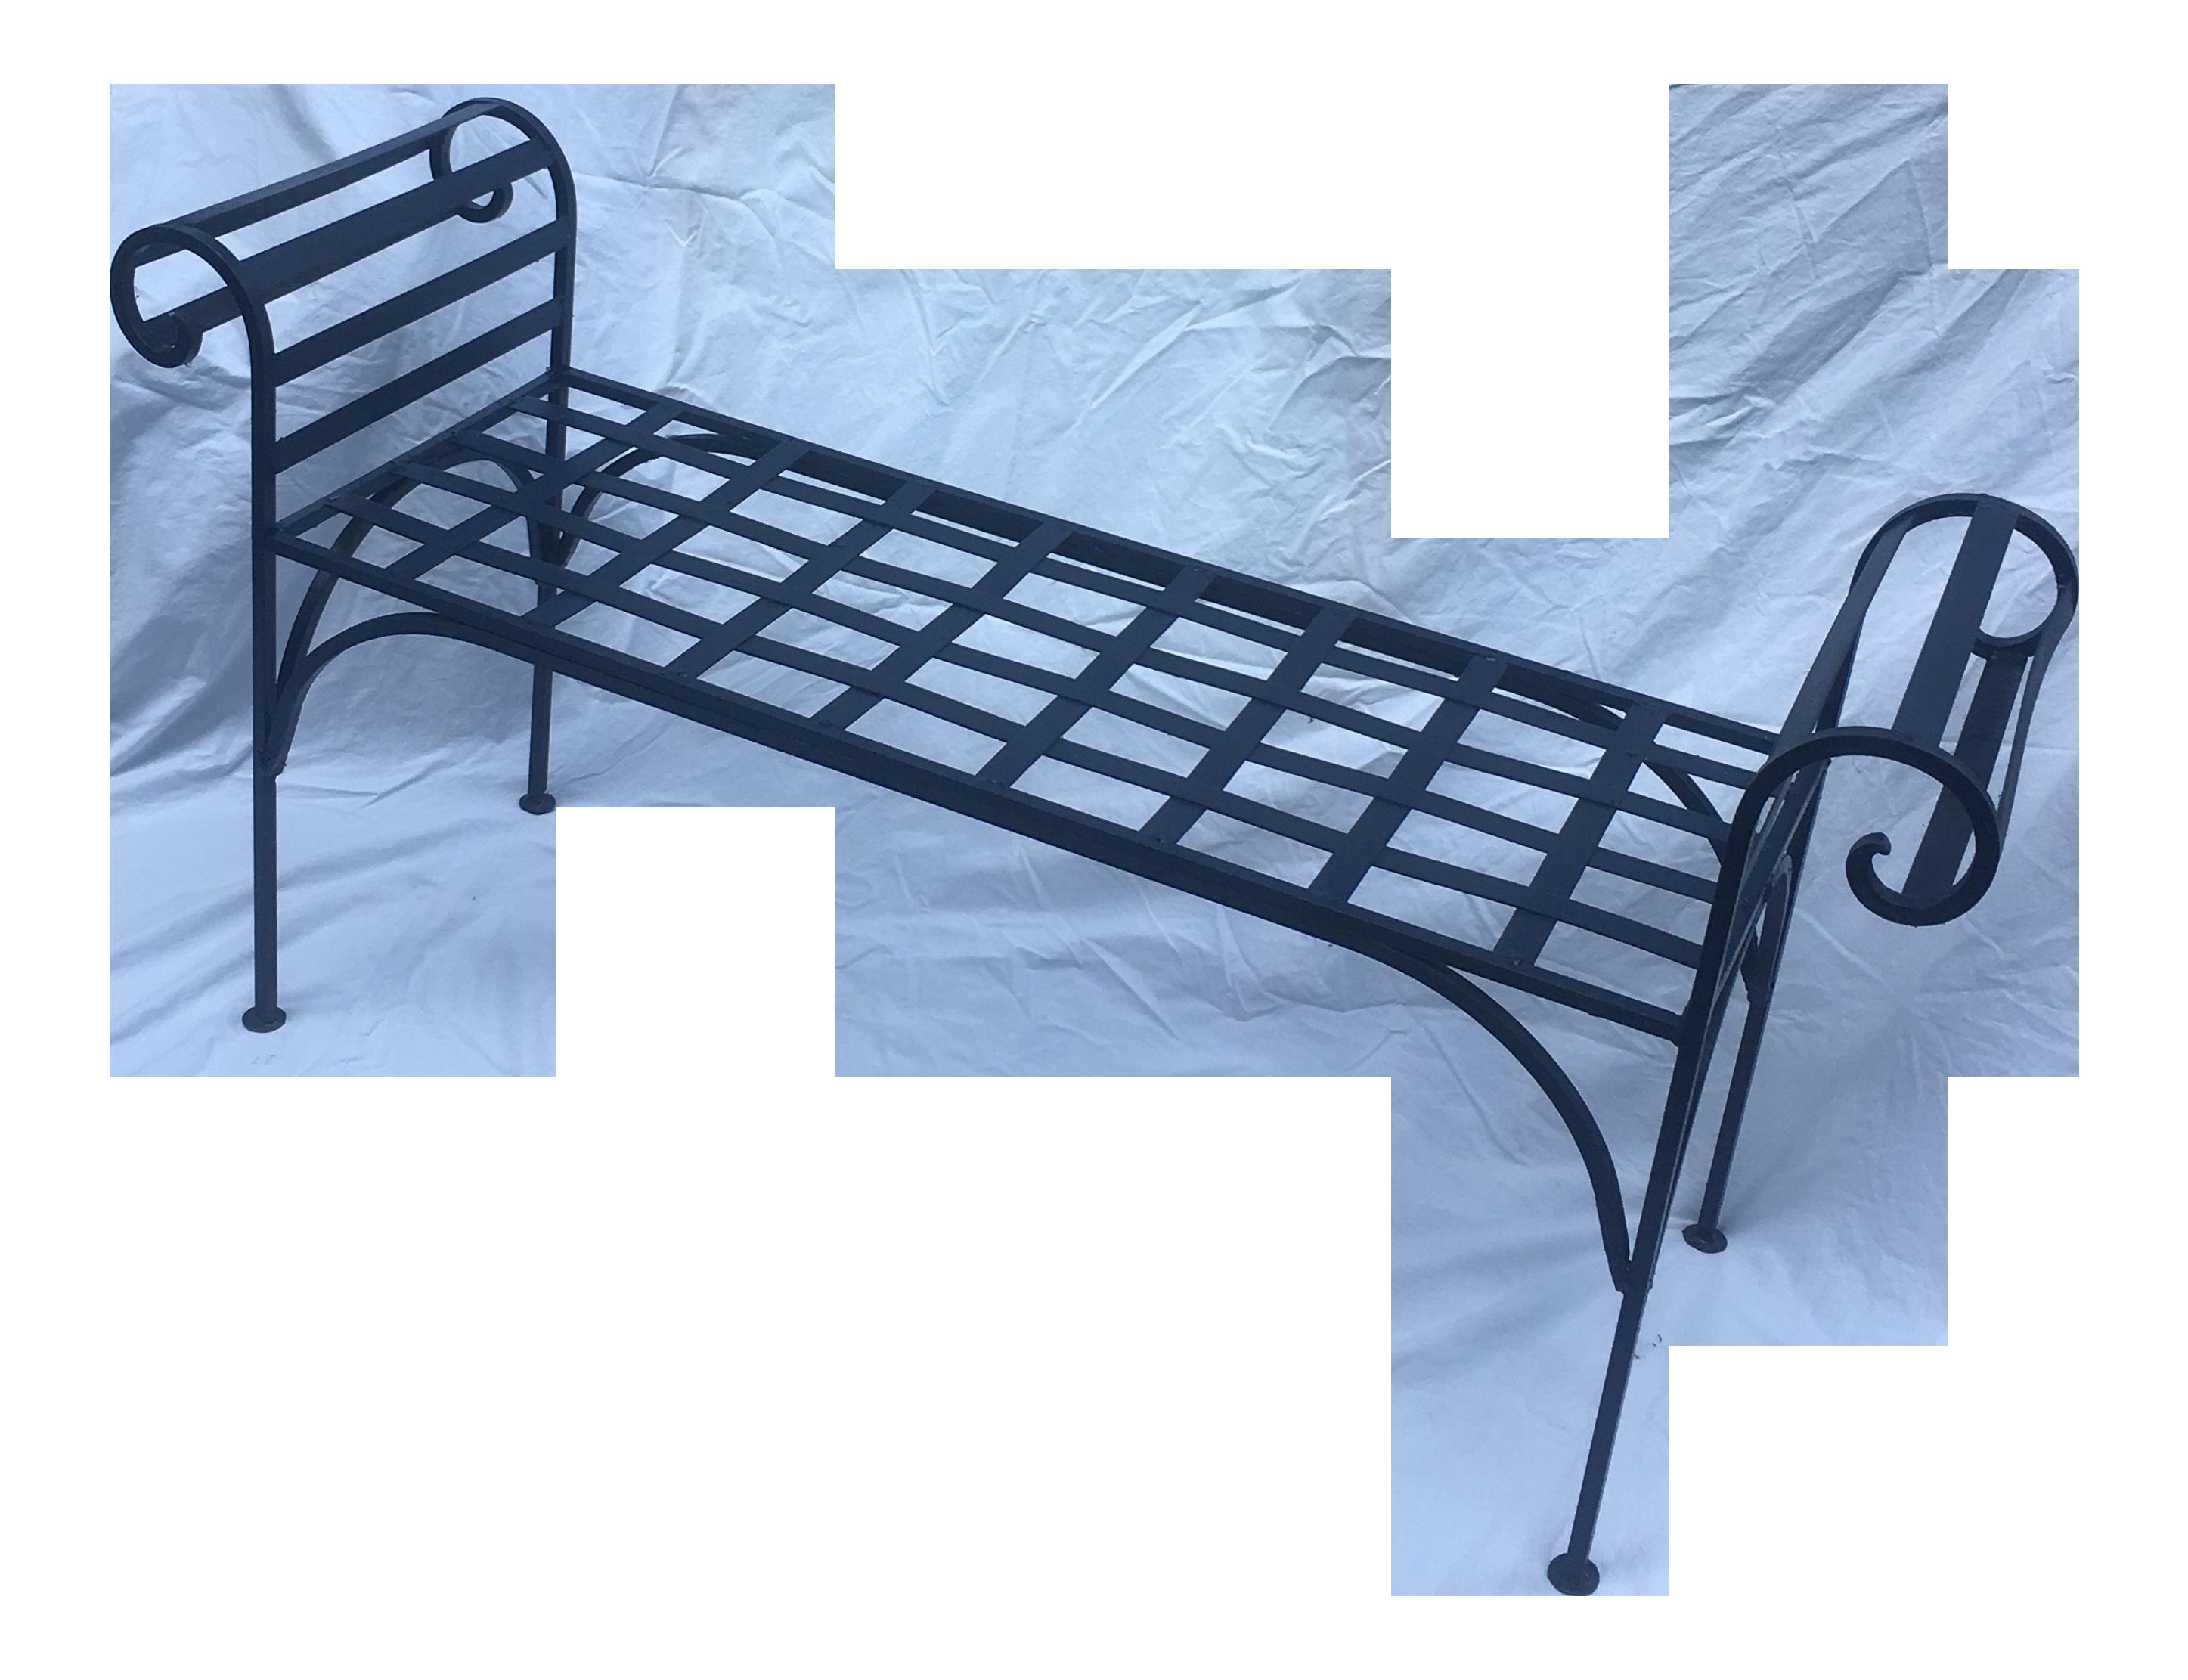 1990s Boho Chic Lattice Wrought Iron Backless Bench On Chairish Com Wrought Iron Bench Iron Bench Wrought Iron